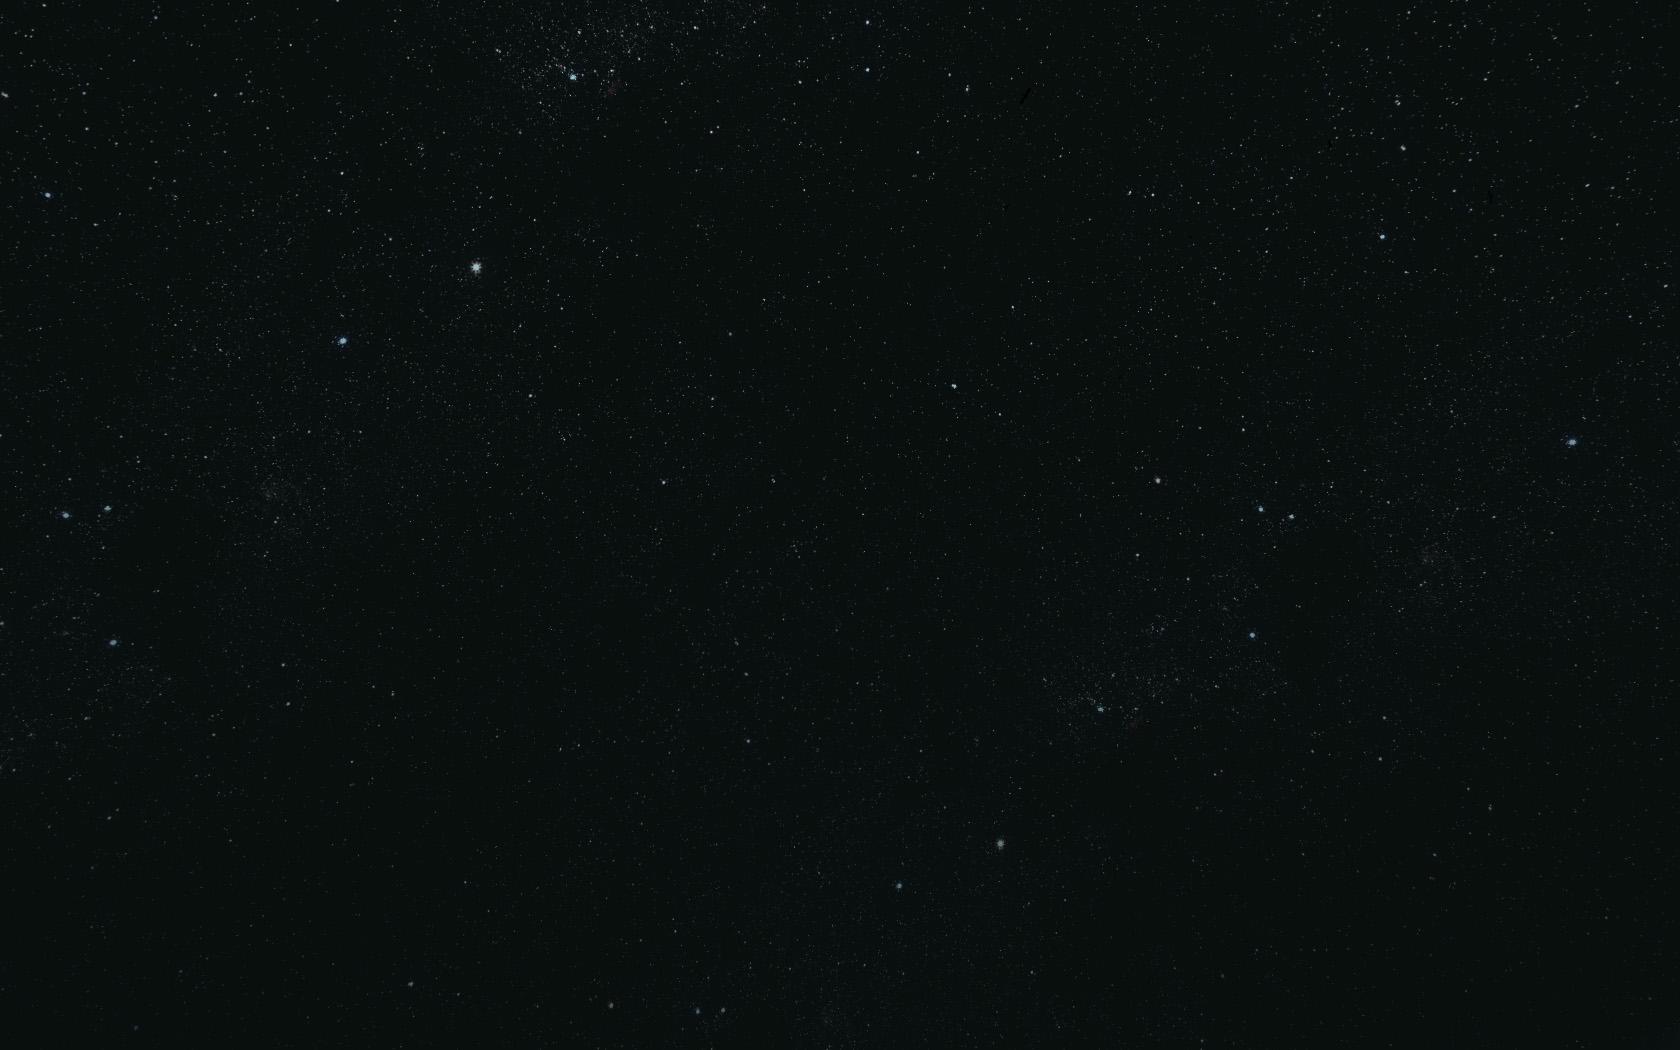 mi da mucha impresión darme cuenta de que compartimos la experiencia de la noche yo y los extraterrestres.